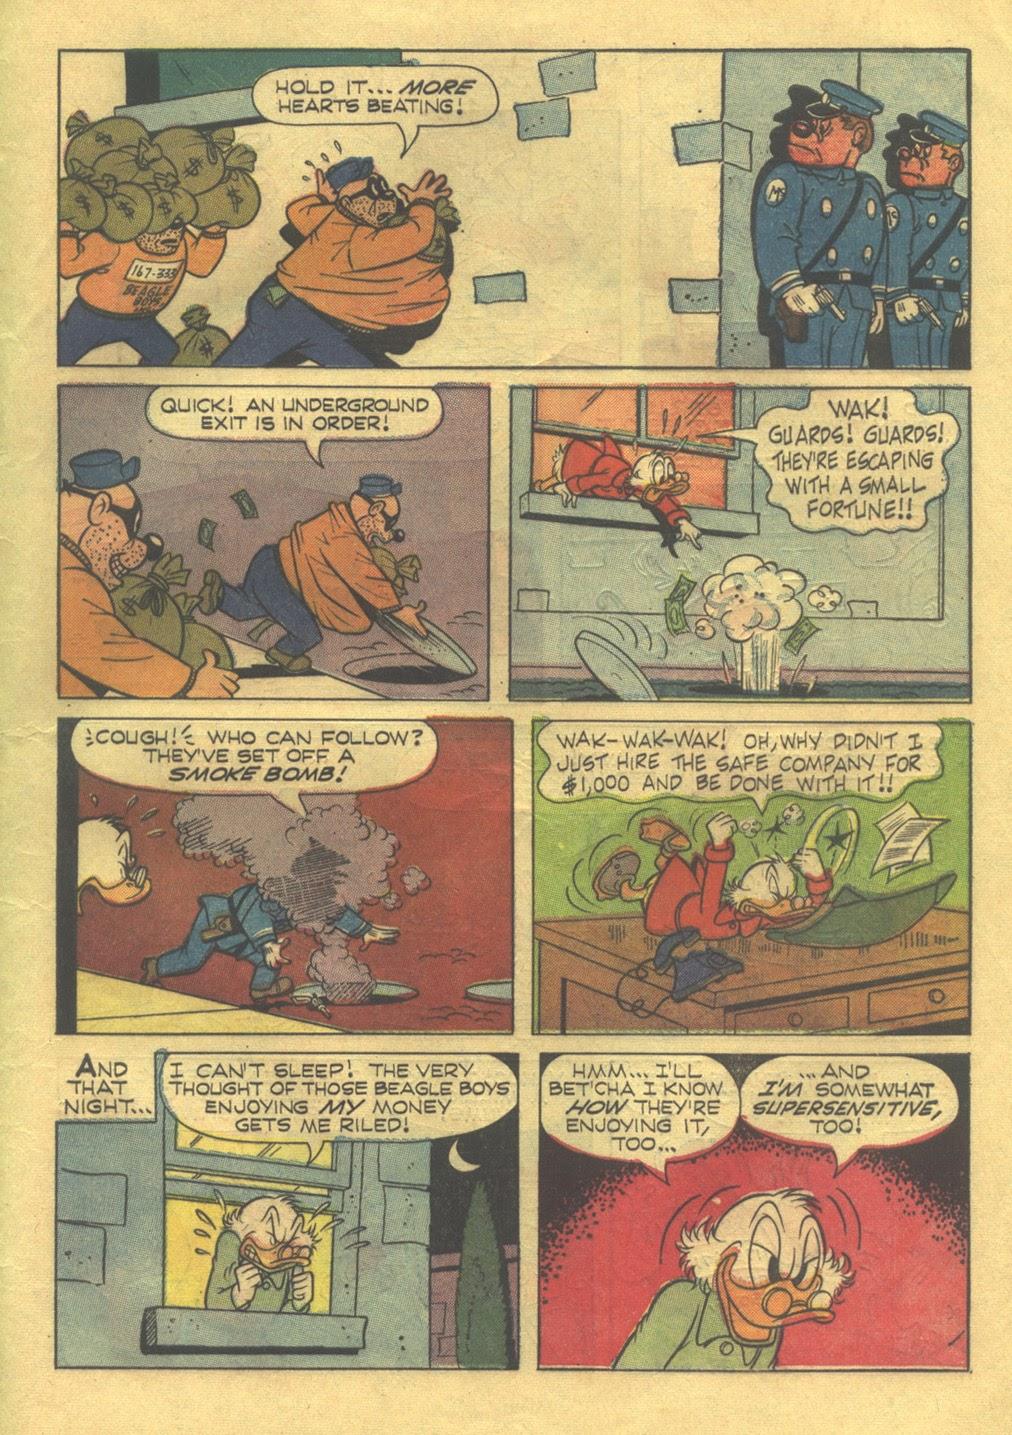 Walt Disney THE BEAGLE BOYS issue 3 - Page 33